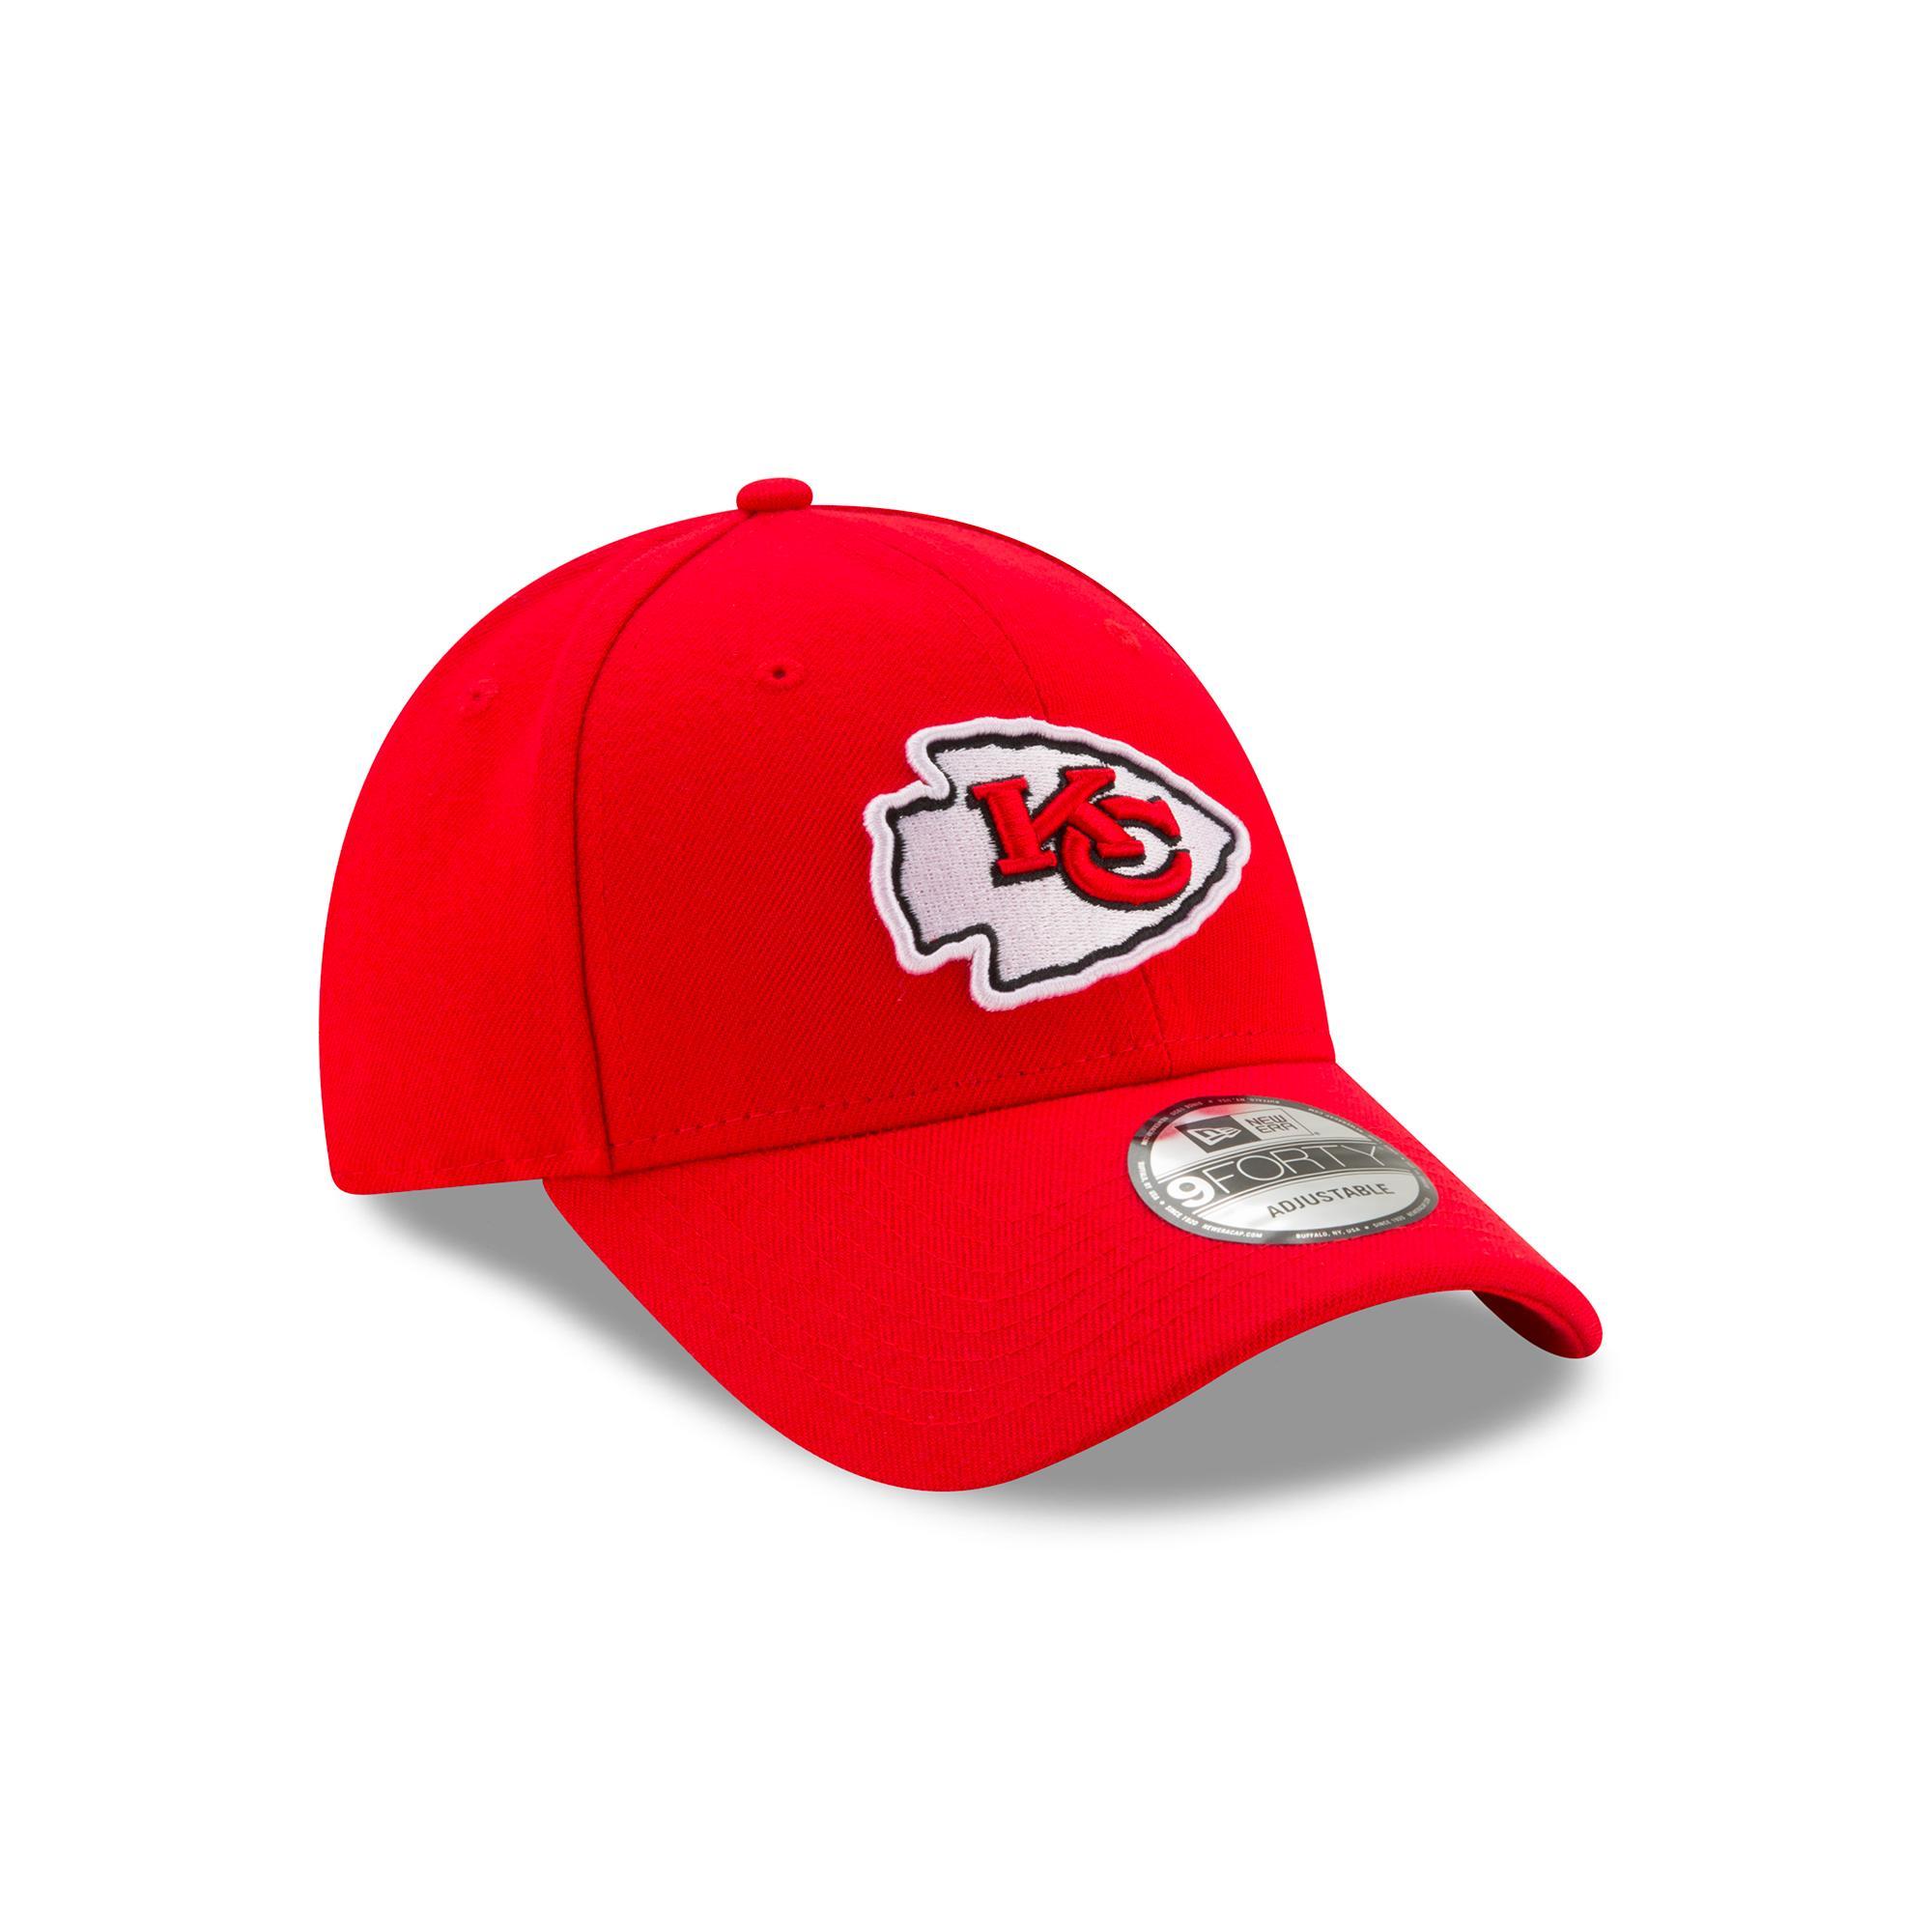 Șapcă CHIEFS NFL The League